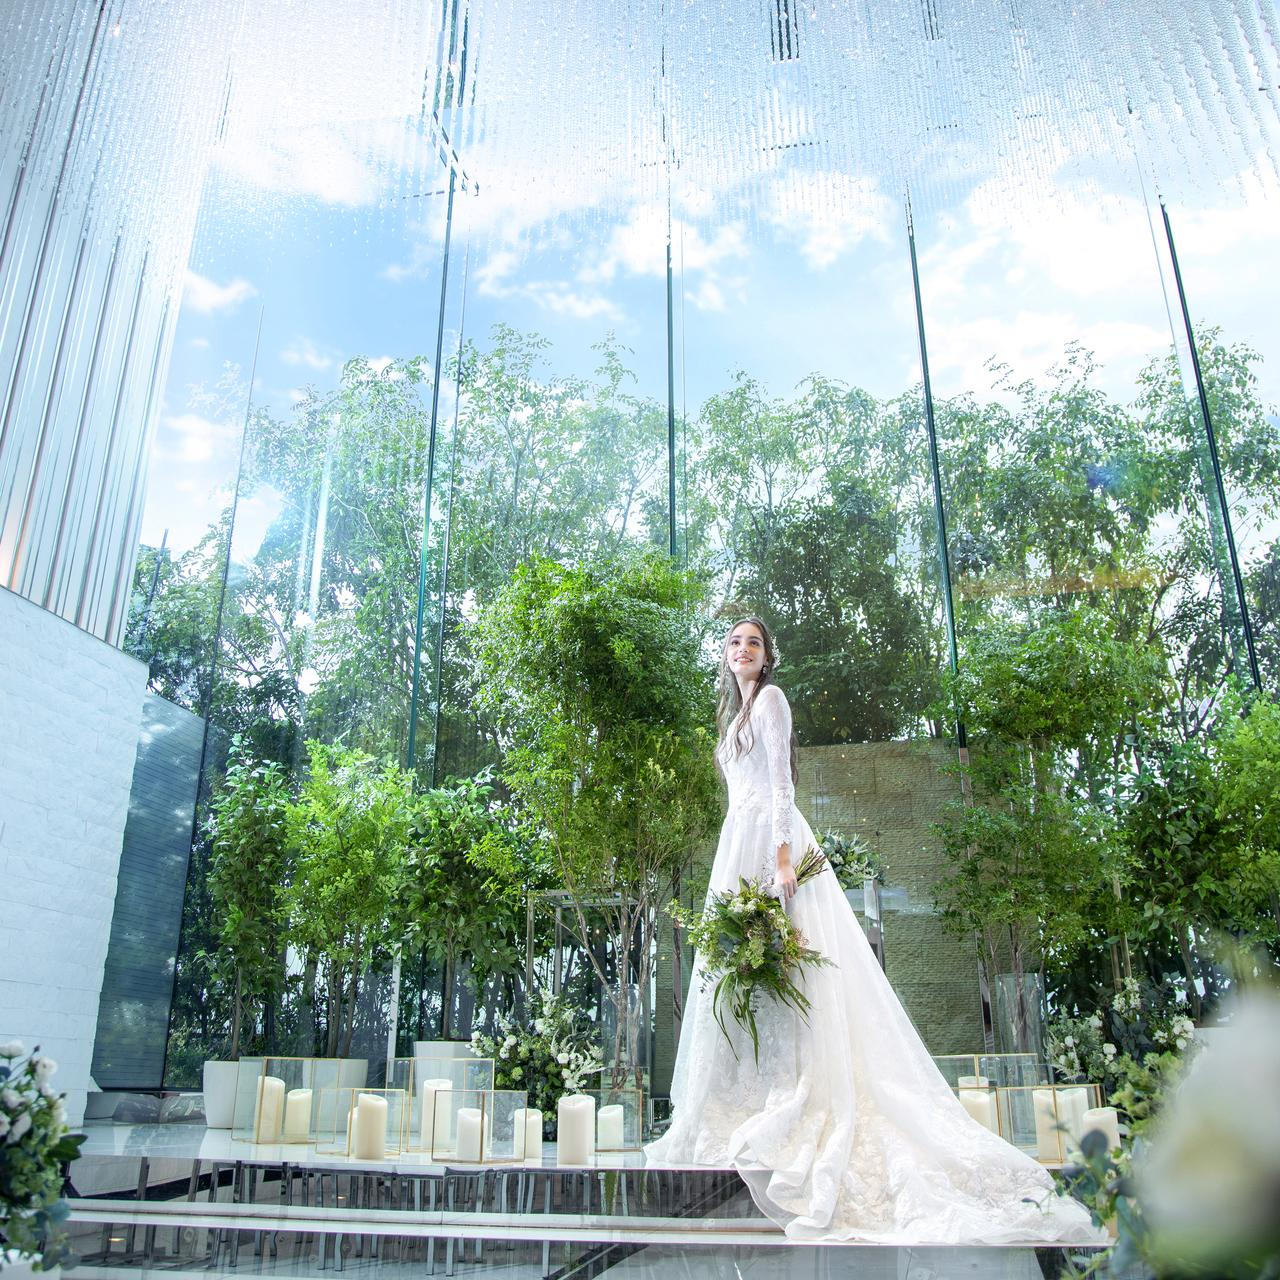 【結婚式を諦めないフォトプラン】衣装+美容+撮影で10万円!